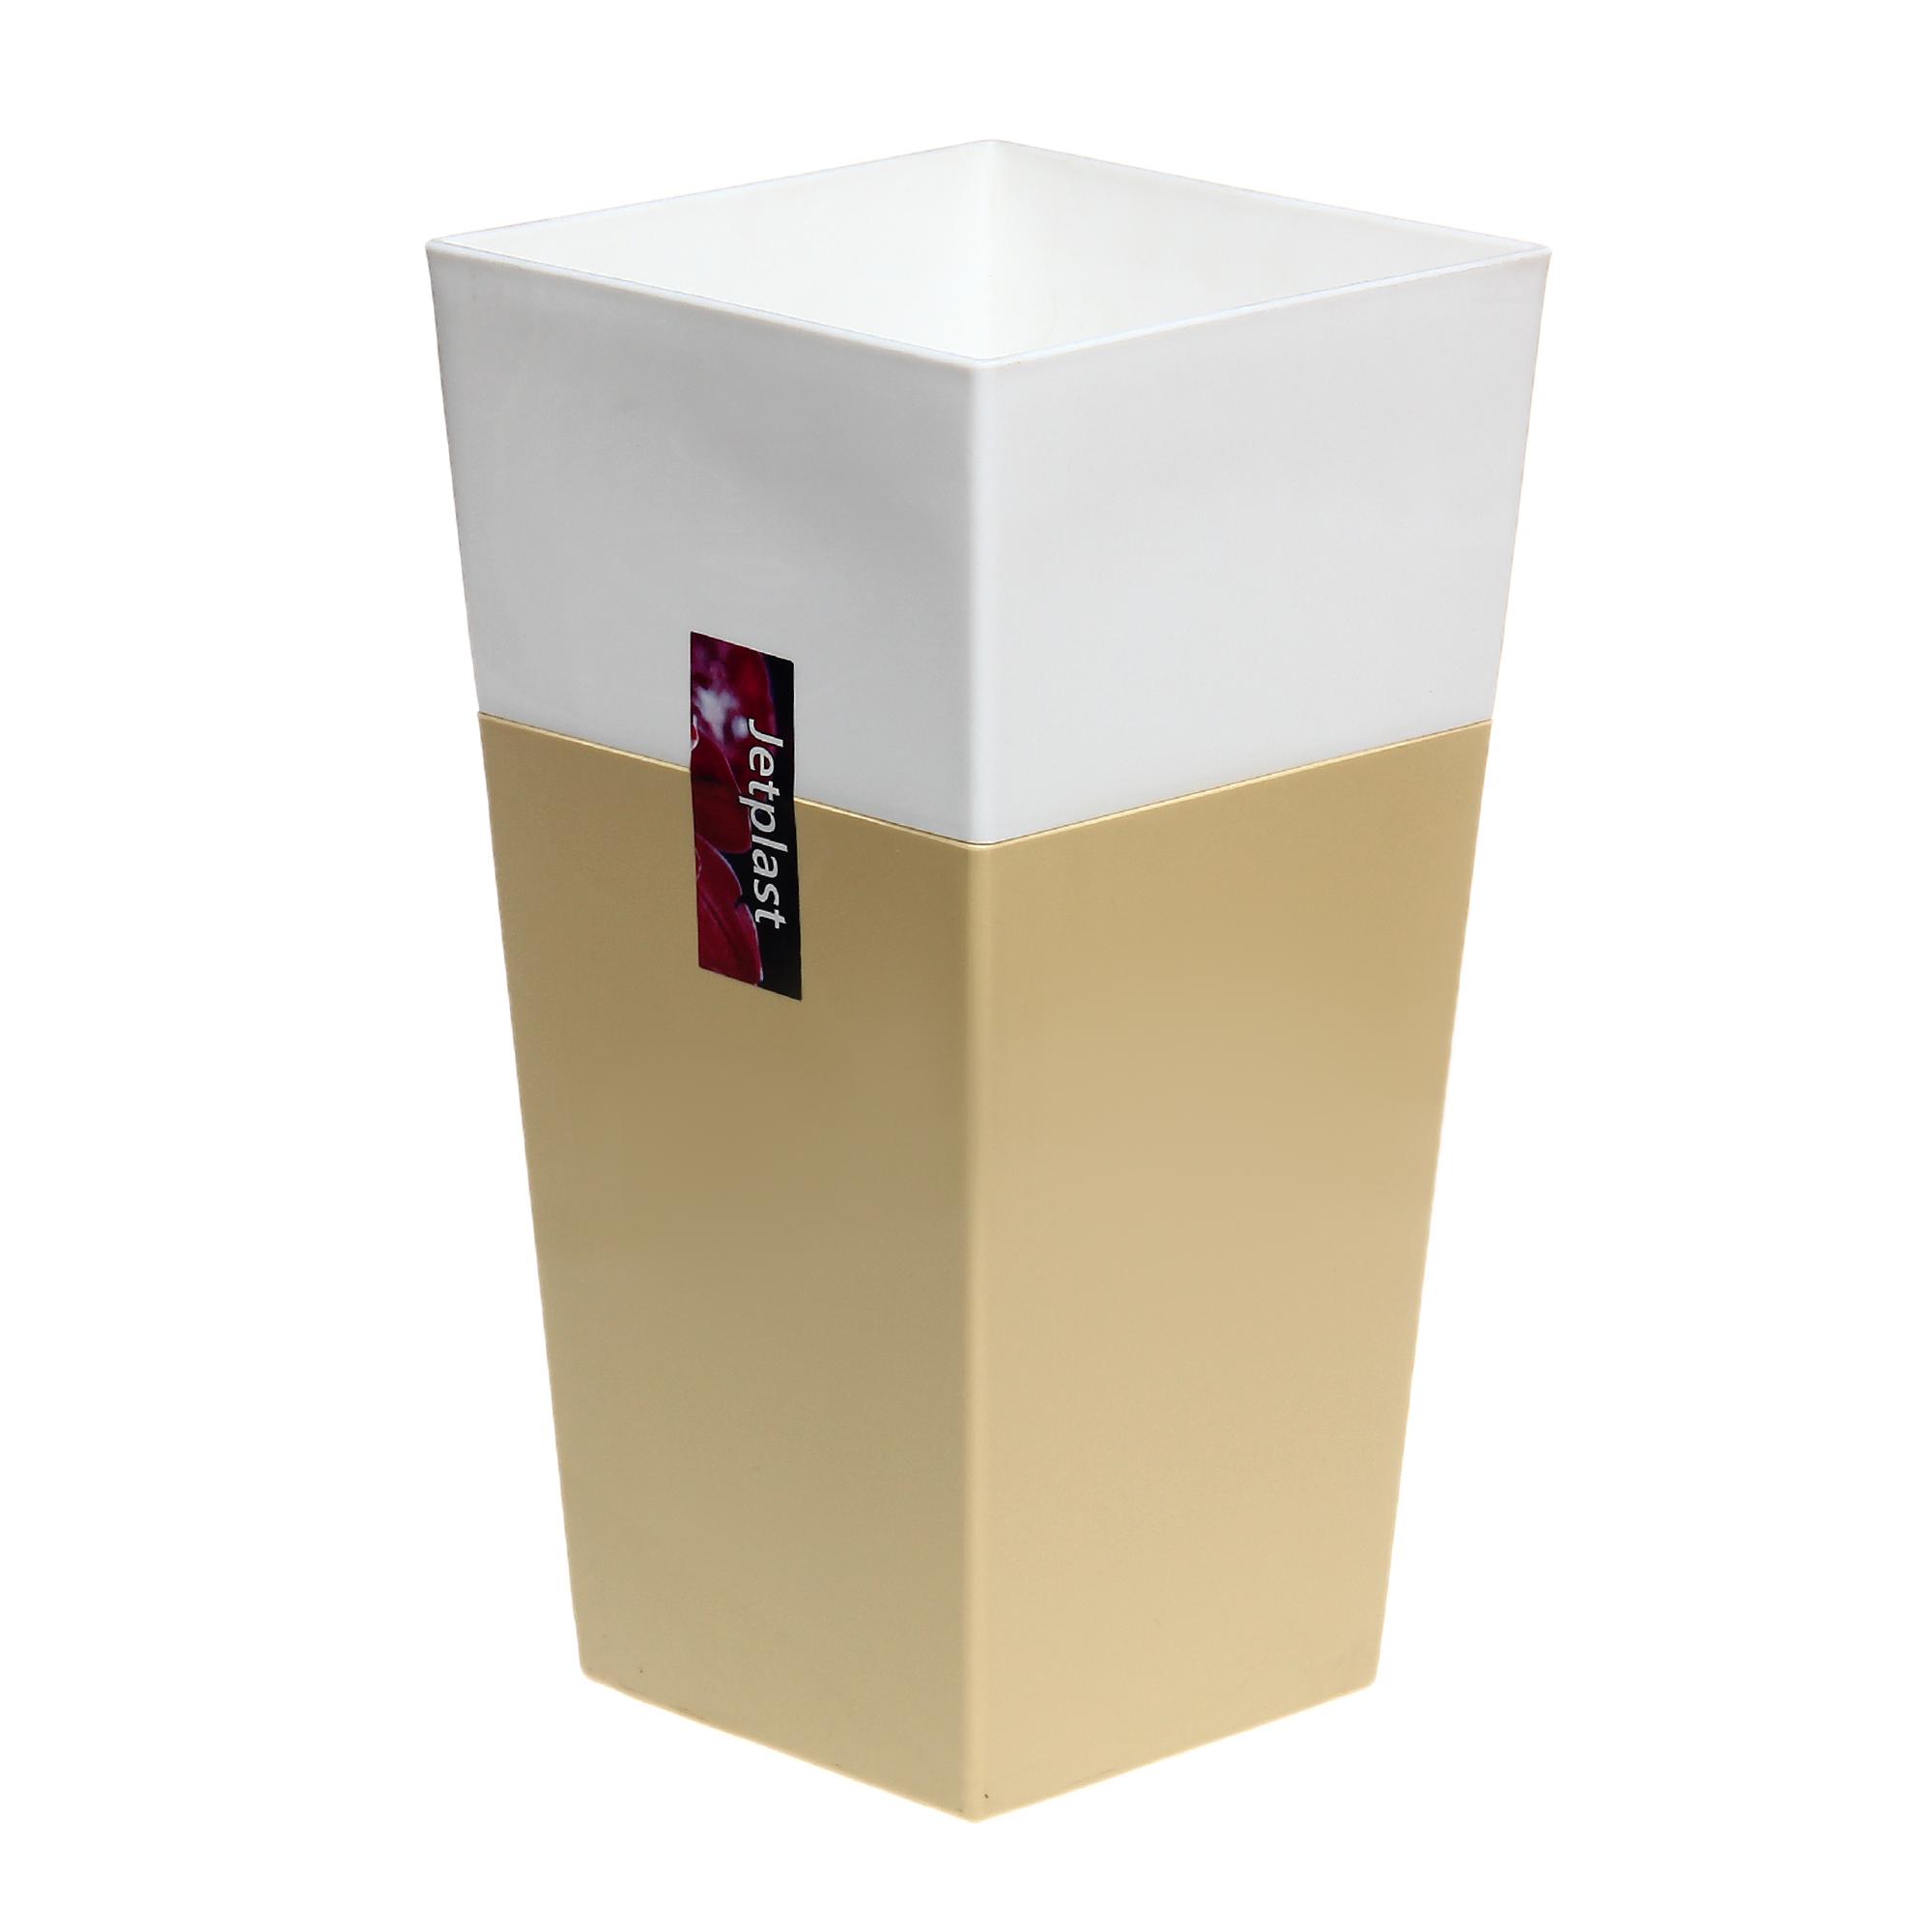 Кашпо Интерлинк дуэт 13x13 см кремово-белый кашпо интерлинк волна 12 см бирюзовый